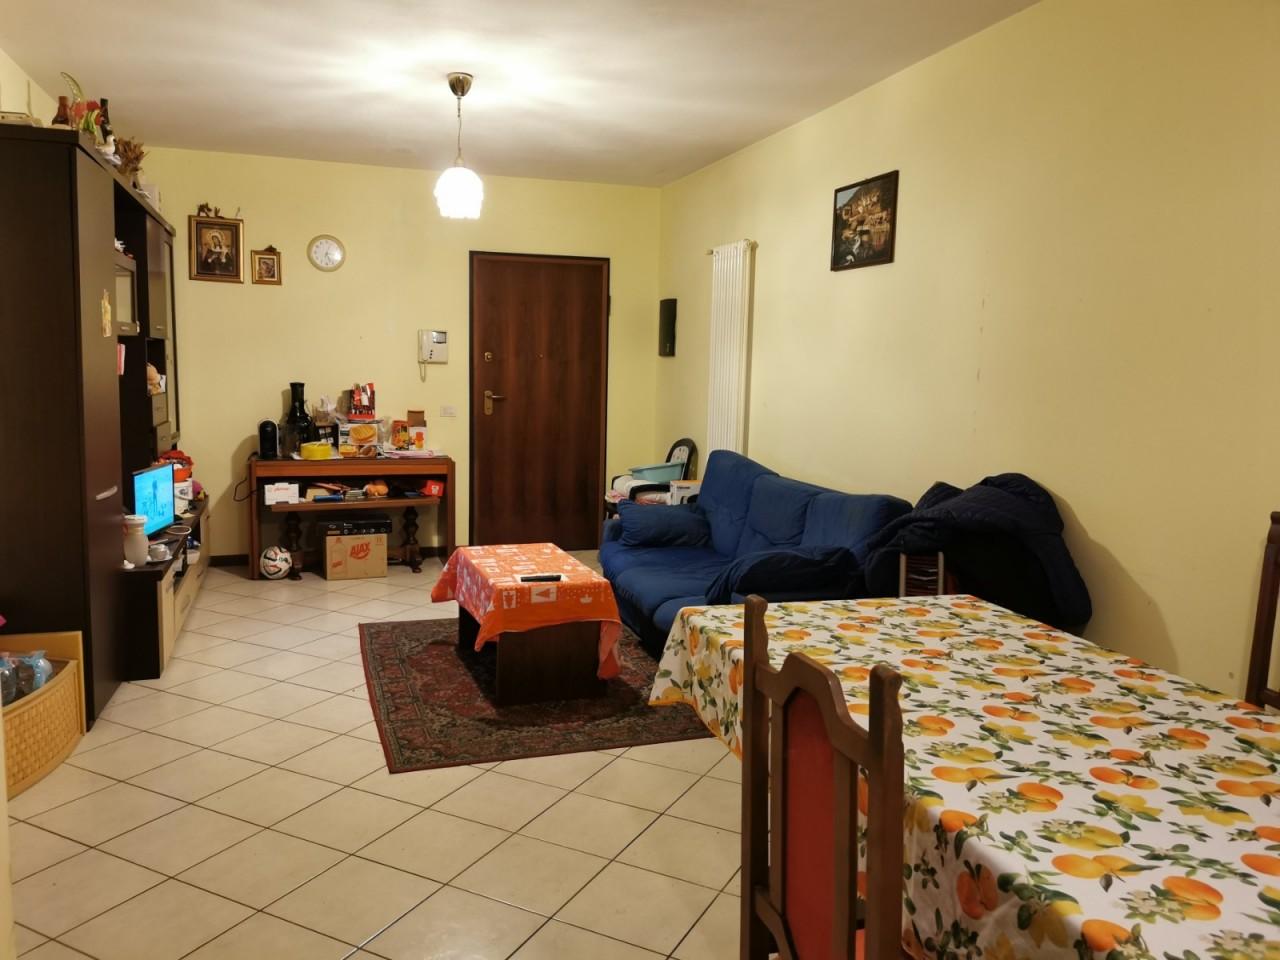 M352 Recente appartamento bicamere al secondo piano https://media.gestionaleimmobiliare.it/foto/annunci/191206/2119804/1280x1280/003__03_Appartamento_Bicamere_Vendita_Montegrotto.jpg